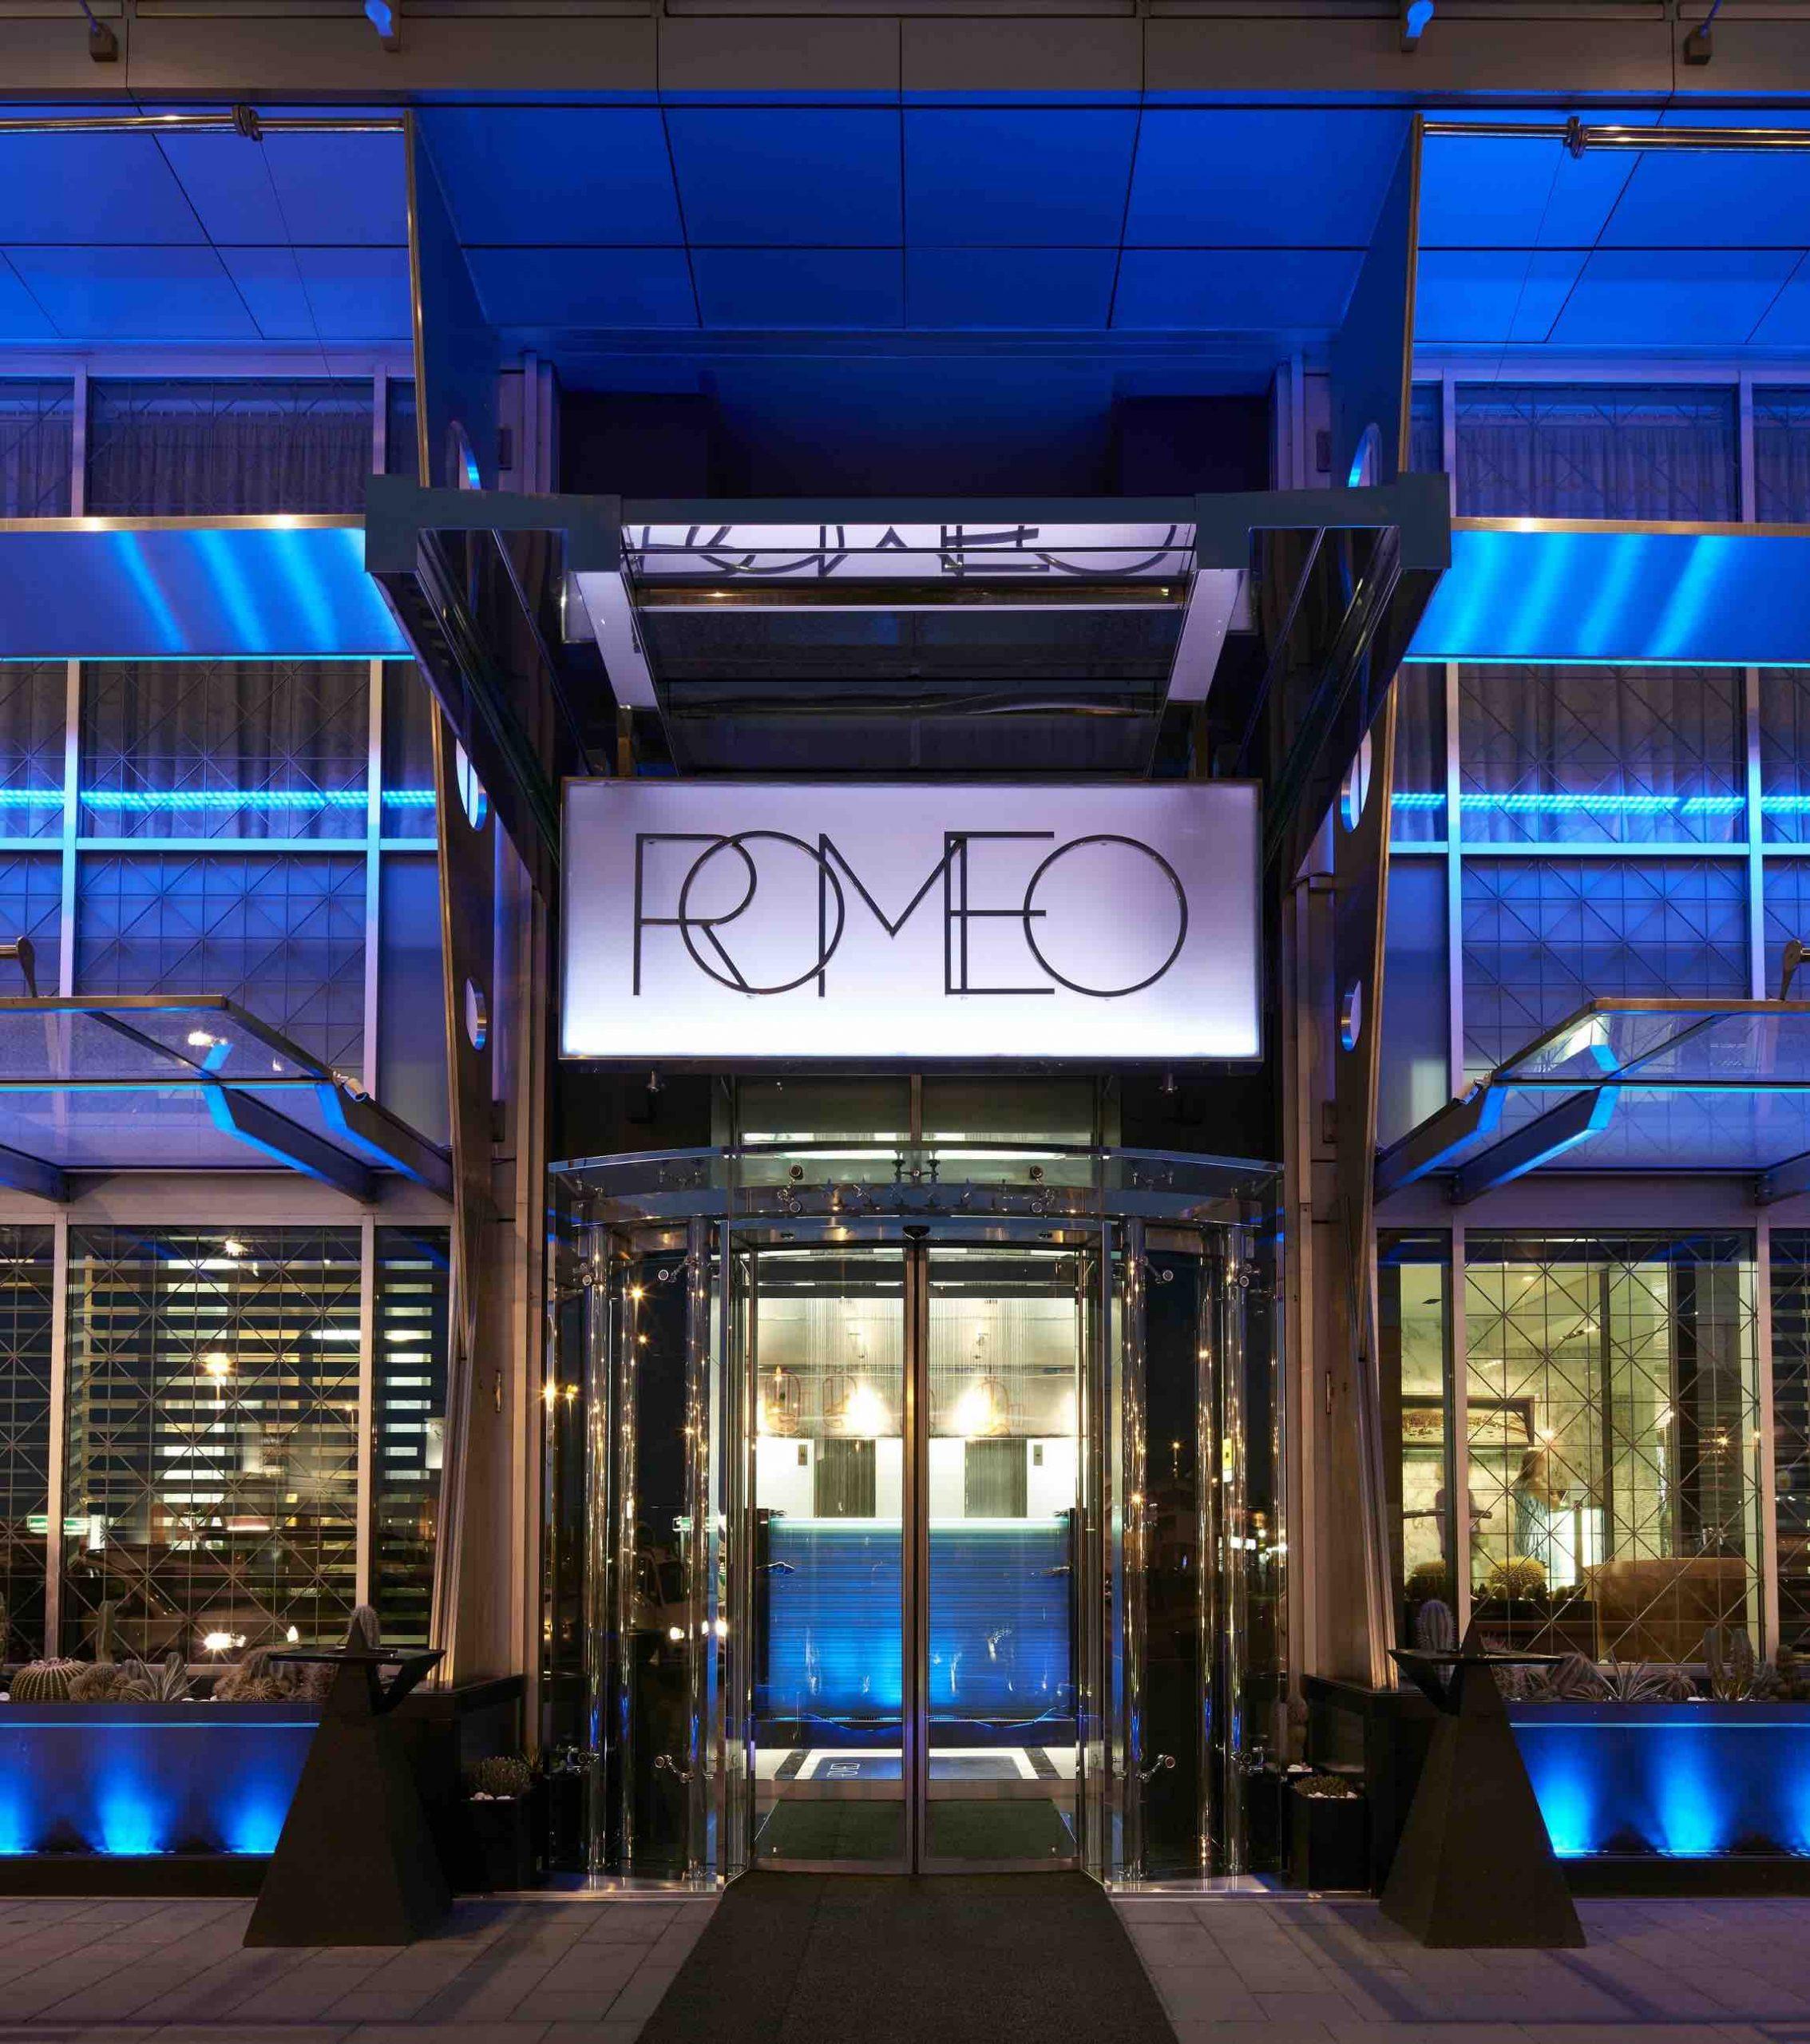 Hotel Romeo | Photo: Kenzo Tange Architects